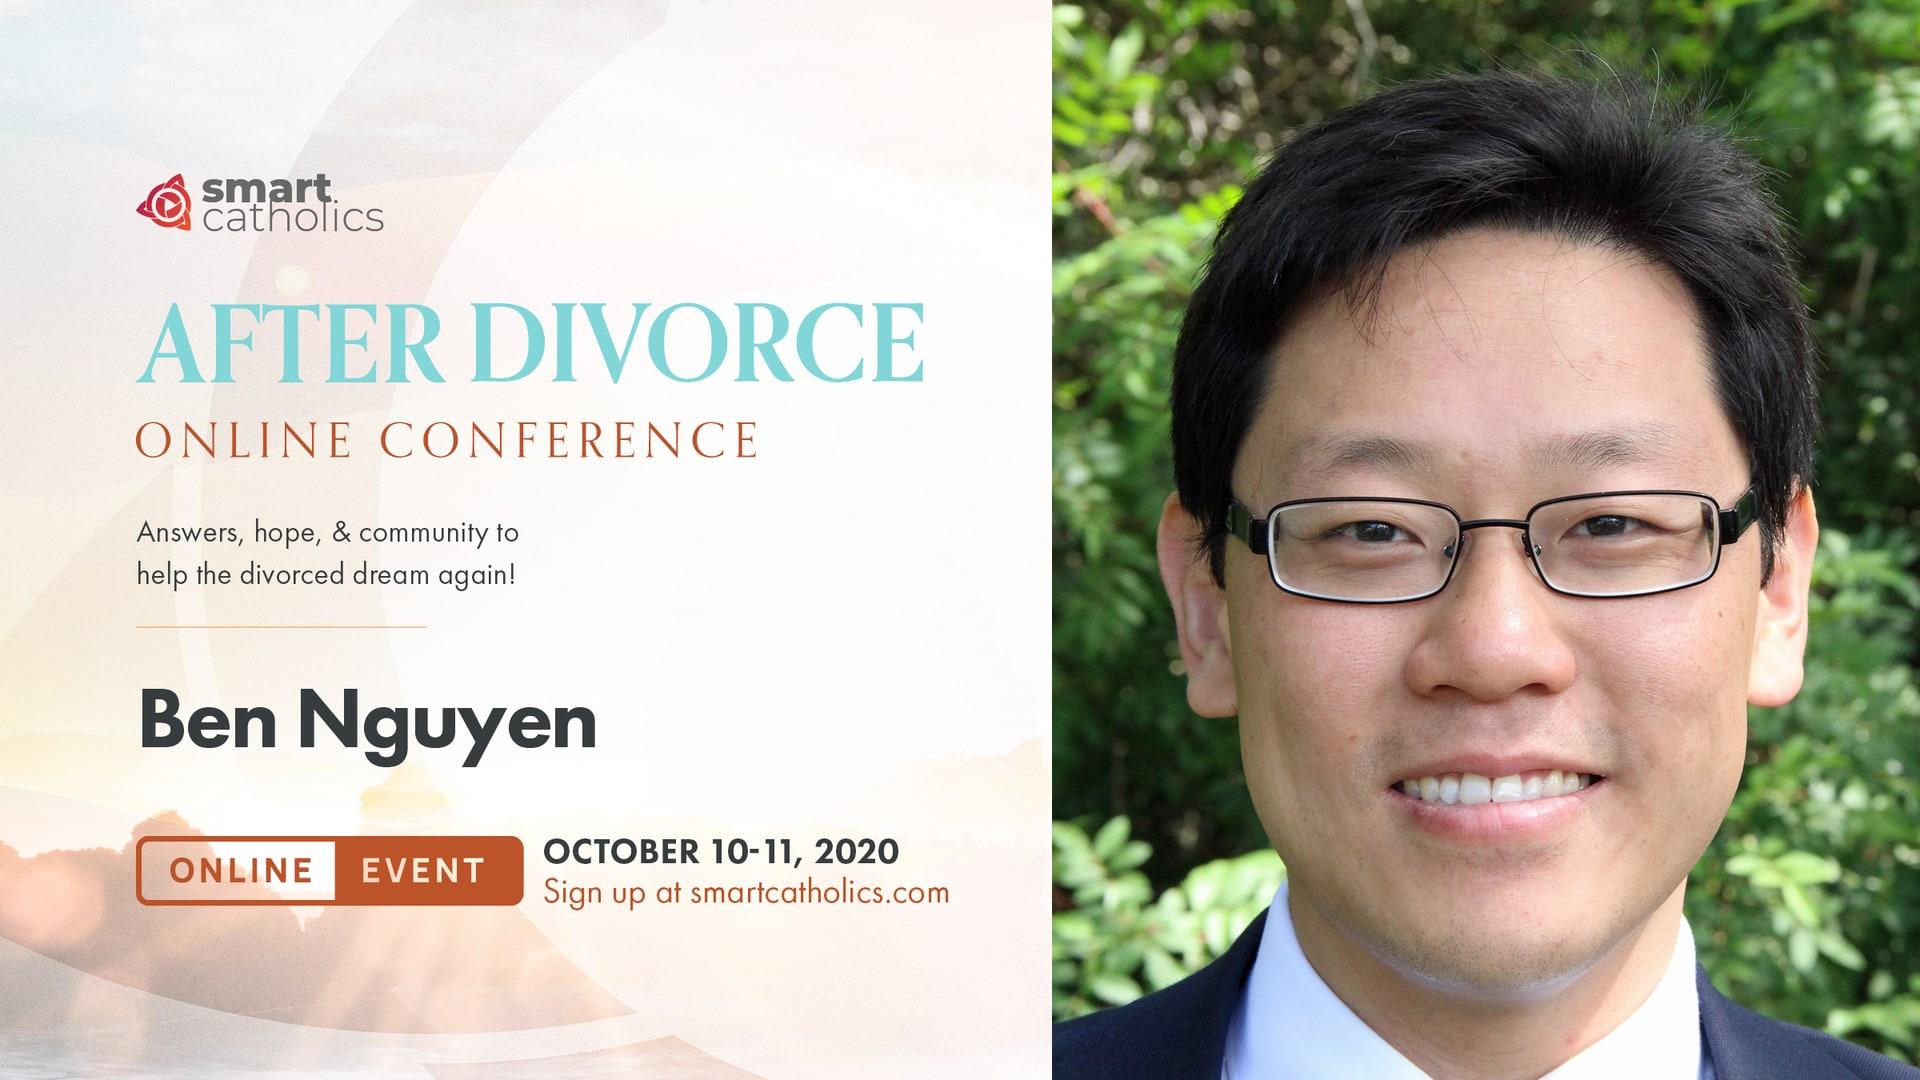 Ben Nguyen - 'After Divorce' 2020 Conference